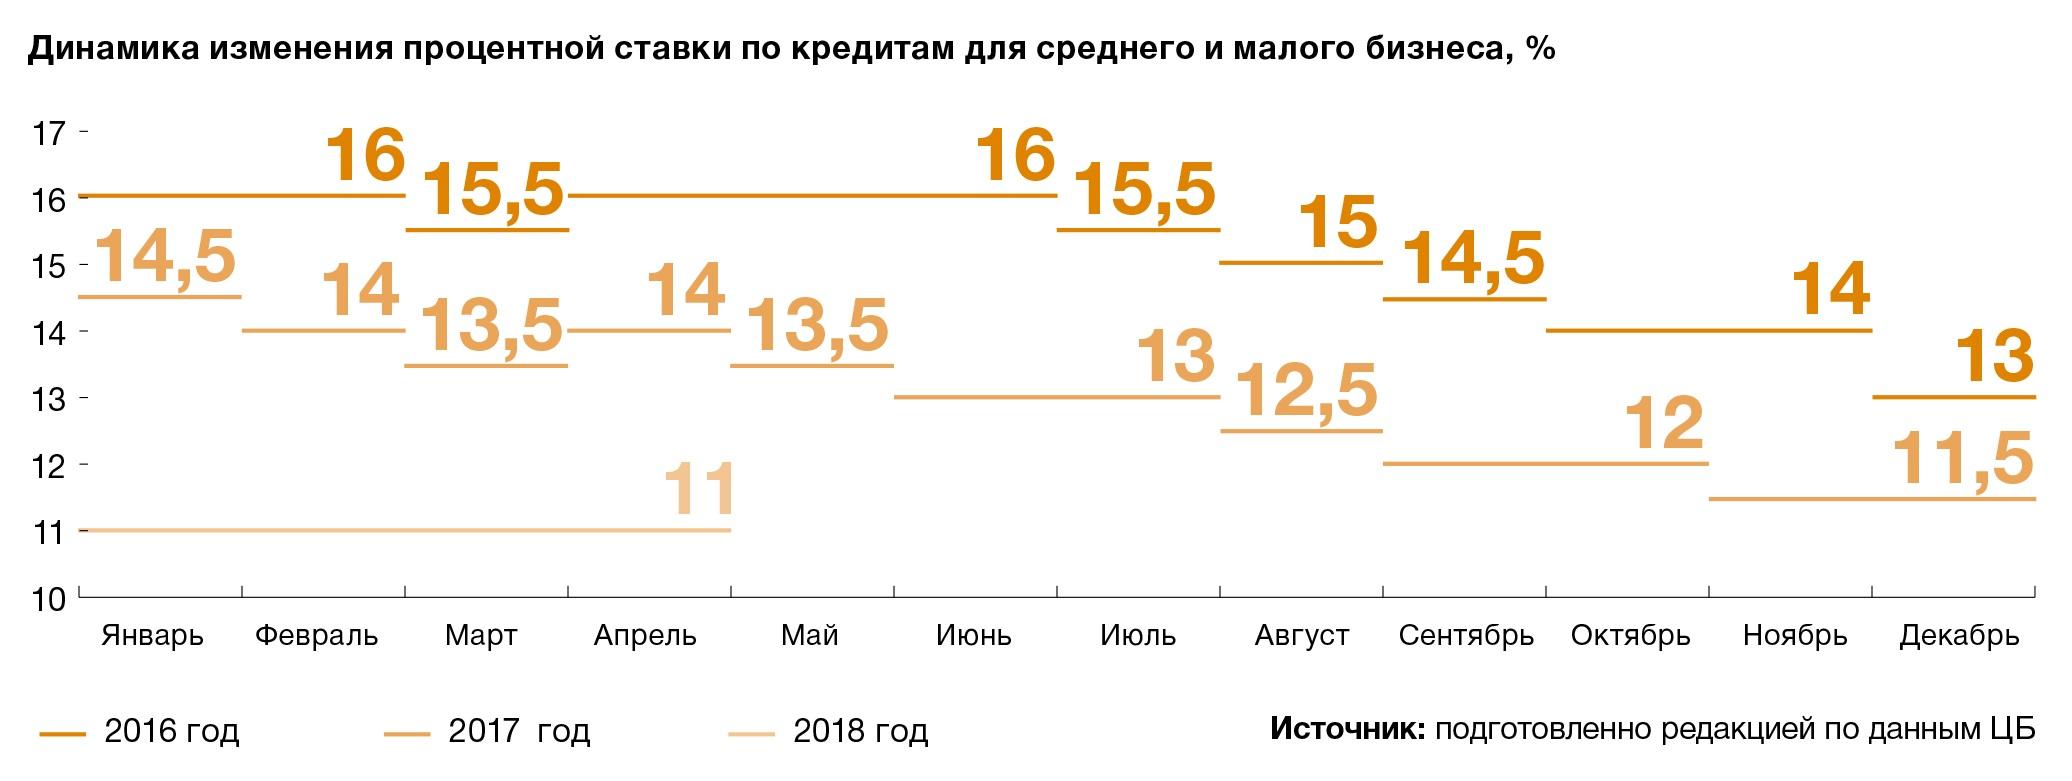 проценты по займам в 2021 году